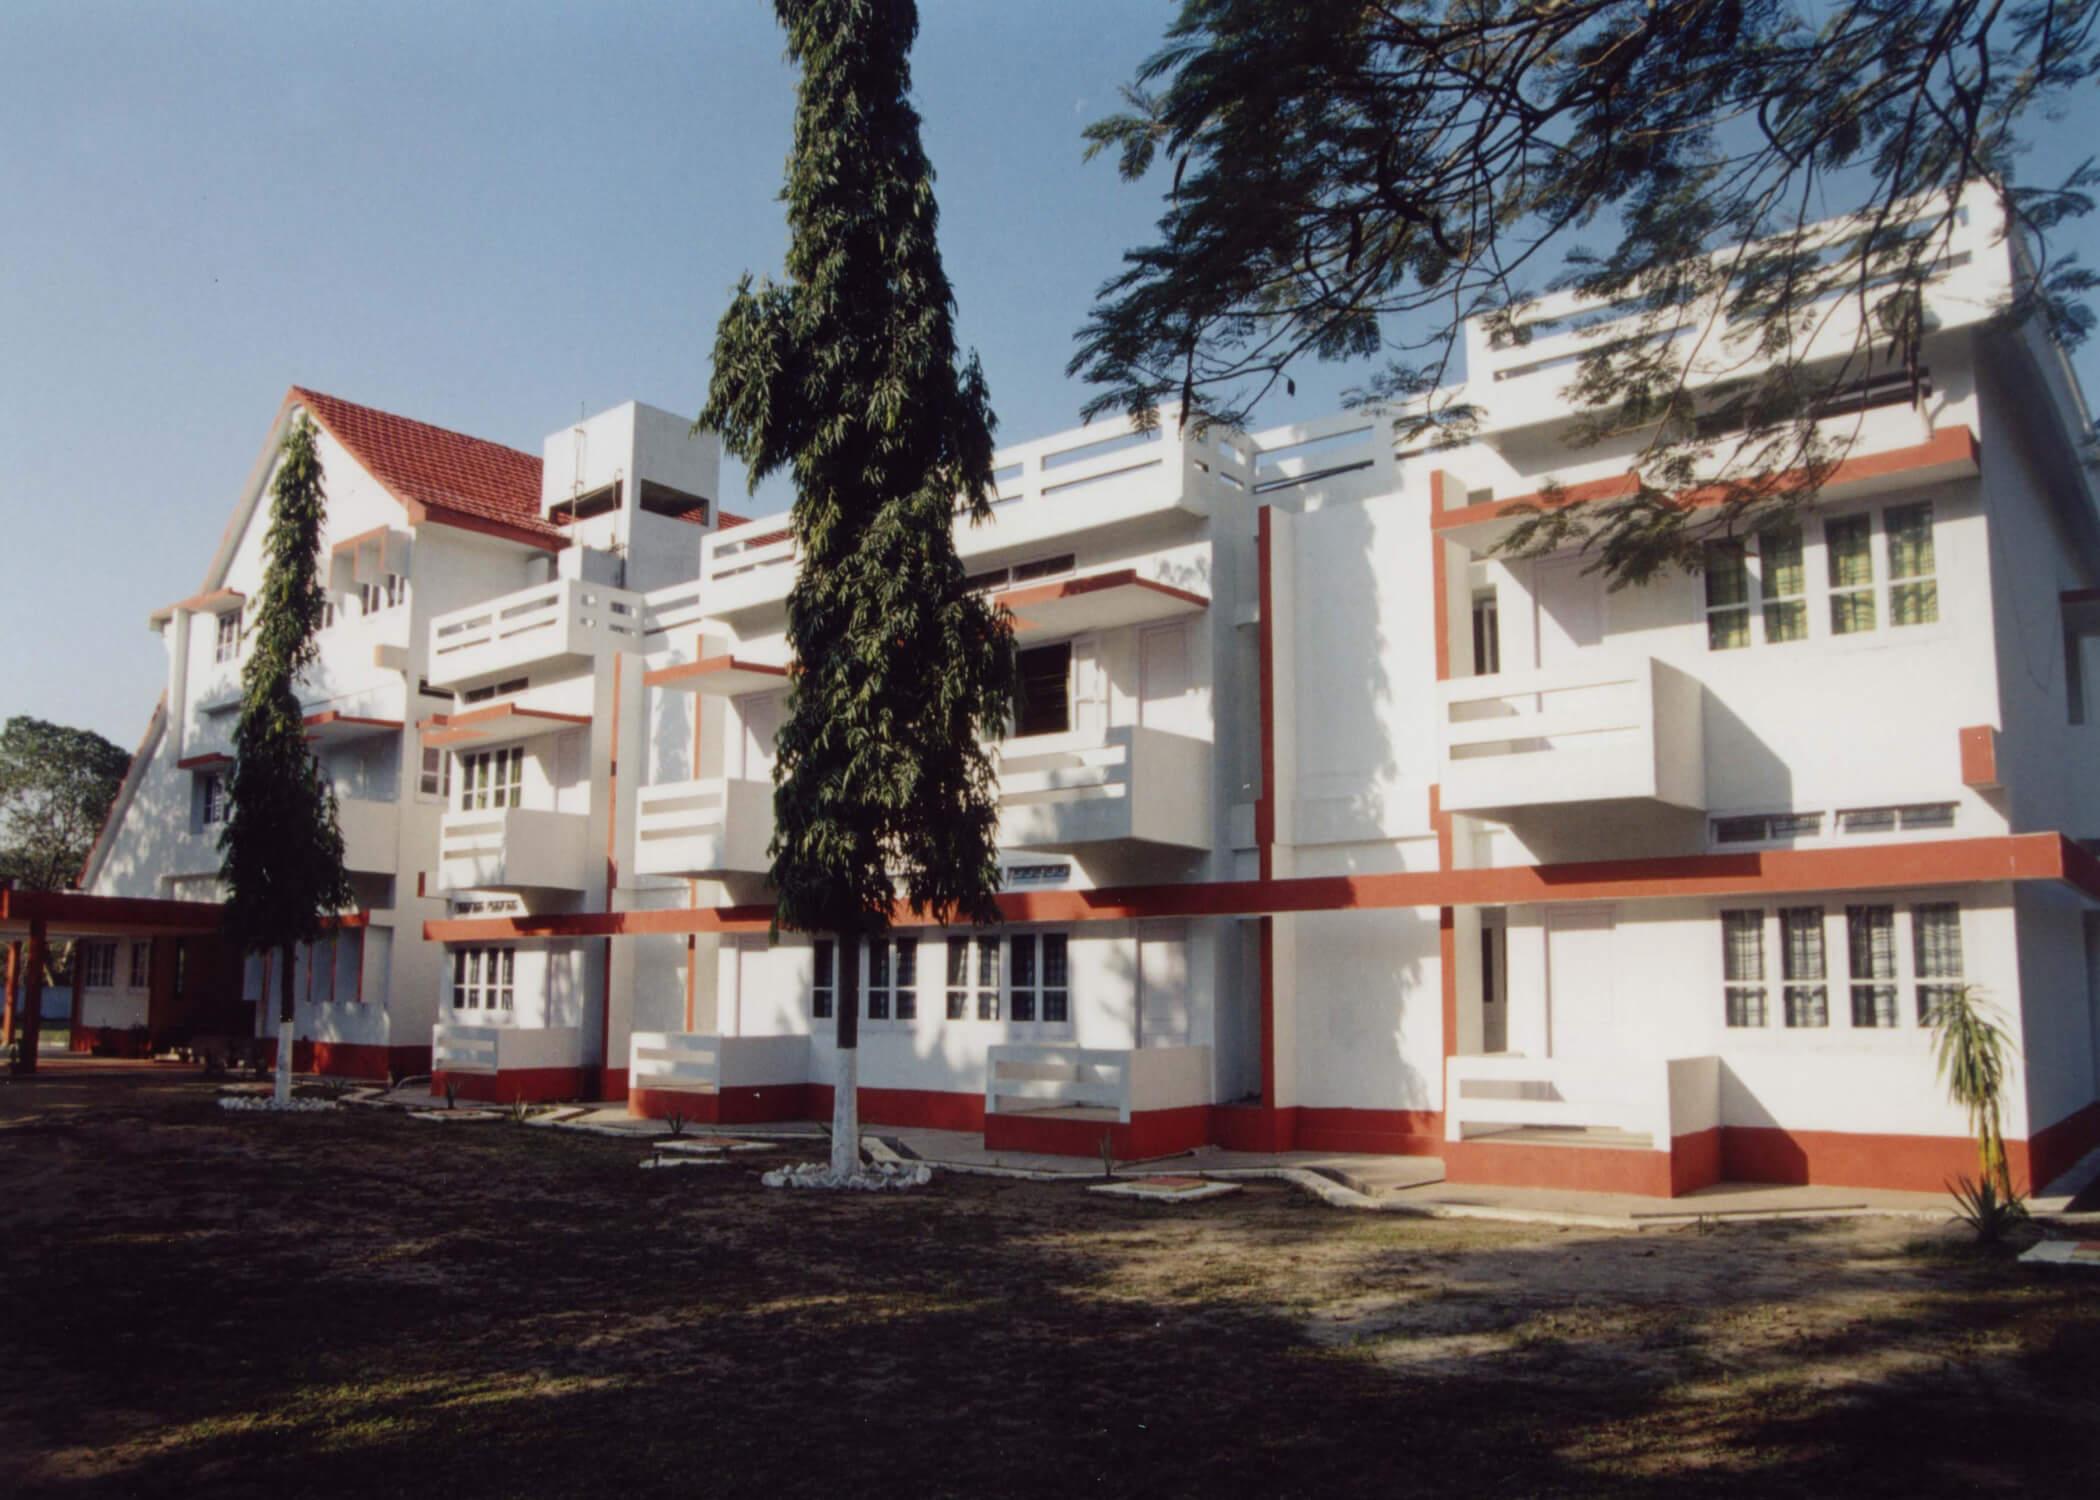 Bansbari Lodge